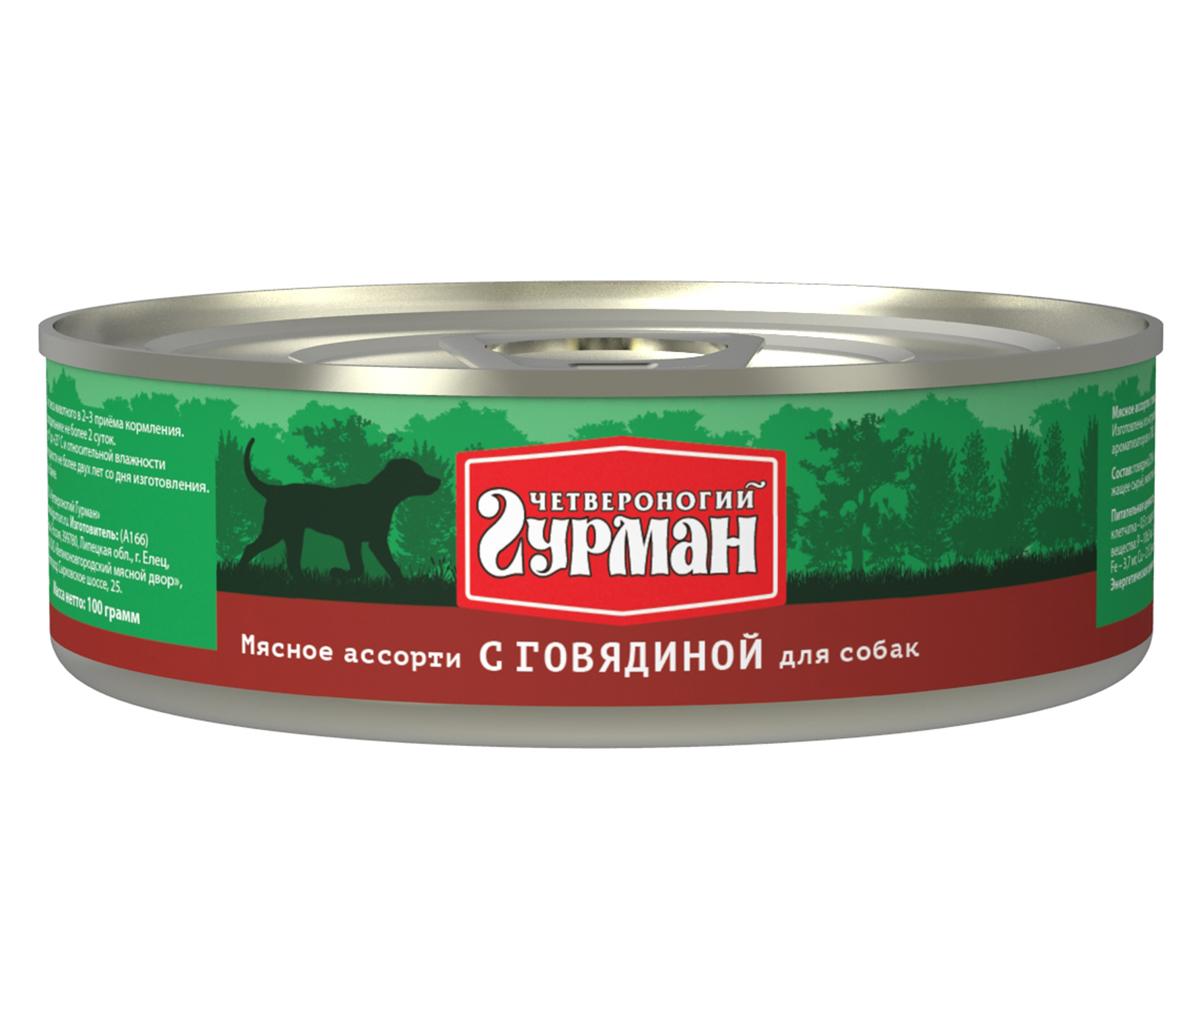 Консервы для собак Четвероногий гурман Мясное ассорти, с говядиной, 100 г. 103101002103101002Консервы для собак Четвероногий гурман Мясное ассорти - это влажный мясной корм суперпремиум класса, состоящий из разных сортов мяса и качественных субпродуктов. Корм не содержит синтетических витаминно-минеральных комплексов, злаков, бобовых и овощей. Никаких искусственных компонентов в составе: только натуральное, экологически чистое мясо от проверенных поставщиков. По консистенции продукт представляет собой кусочки из фарша размером 3-15 мм. В состав входит коллаген. Его компоненты (хондроитин и глюкозамин) положительно воздействуют на суставы питомца. Состав: говядина (20%), сердце (20%), рубец, легкое, печень, коллагенсодержащее сырье, животный белок, масло растительное, вода. Пищевая ценность (в 100 г продукта): протеин 10,5 г, жир 6,2 г, клетчатка 0,5 г, сырая зола 2 г, влага 80 г. Минеральные вещества: P 106,3мг, Са 10,8 мг, Na 159,6 мг, Cl 208,9 мг, Mg 11,3 мг, Fe 3,7 мг, Cu 215,3 мкг, I 4,34 мкг. Витамины: А, E, В1, В2, B3, B5, B6. Энергетическая ценность (на 100 г): 102 ккал. Товар сертифицирован.